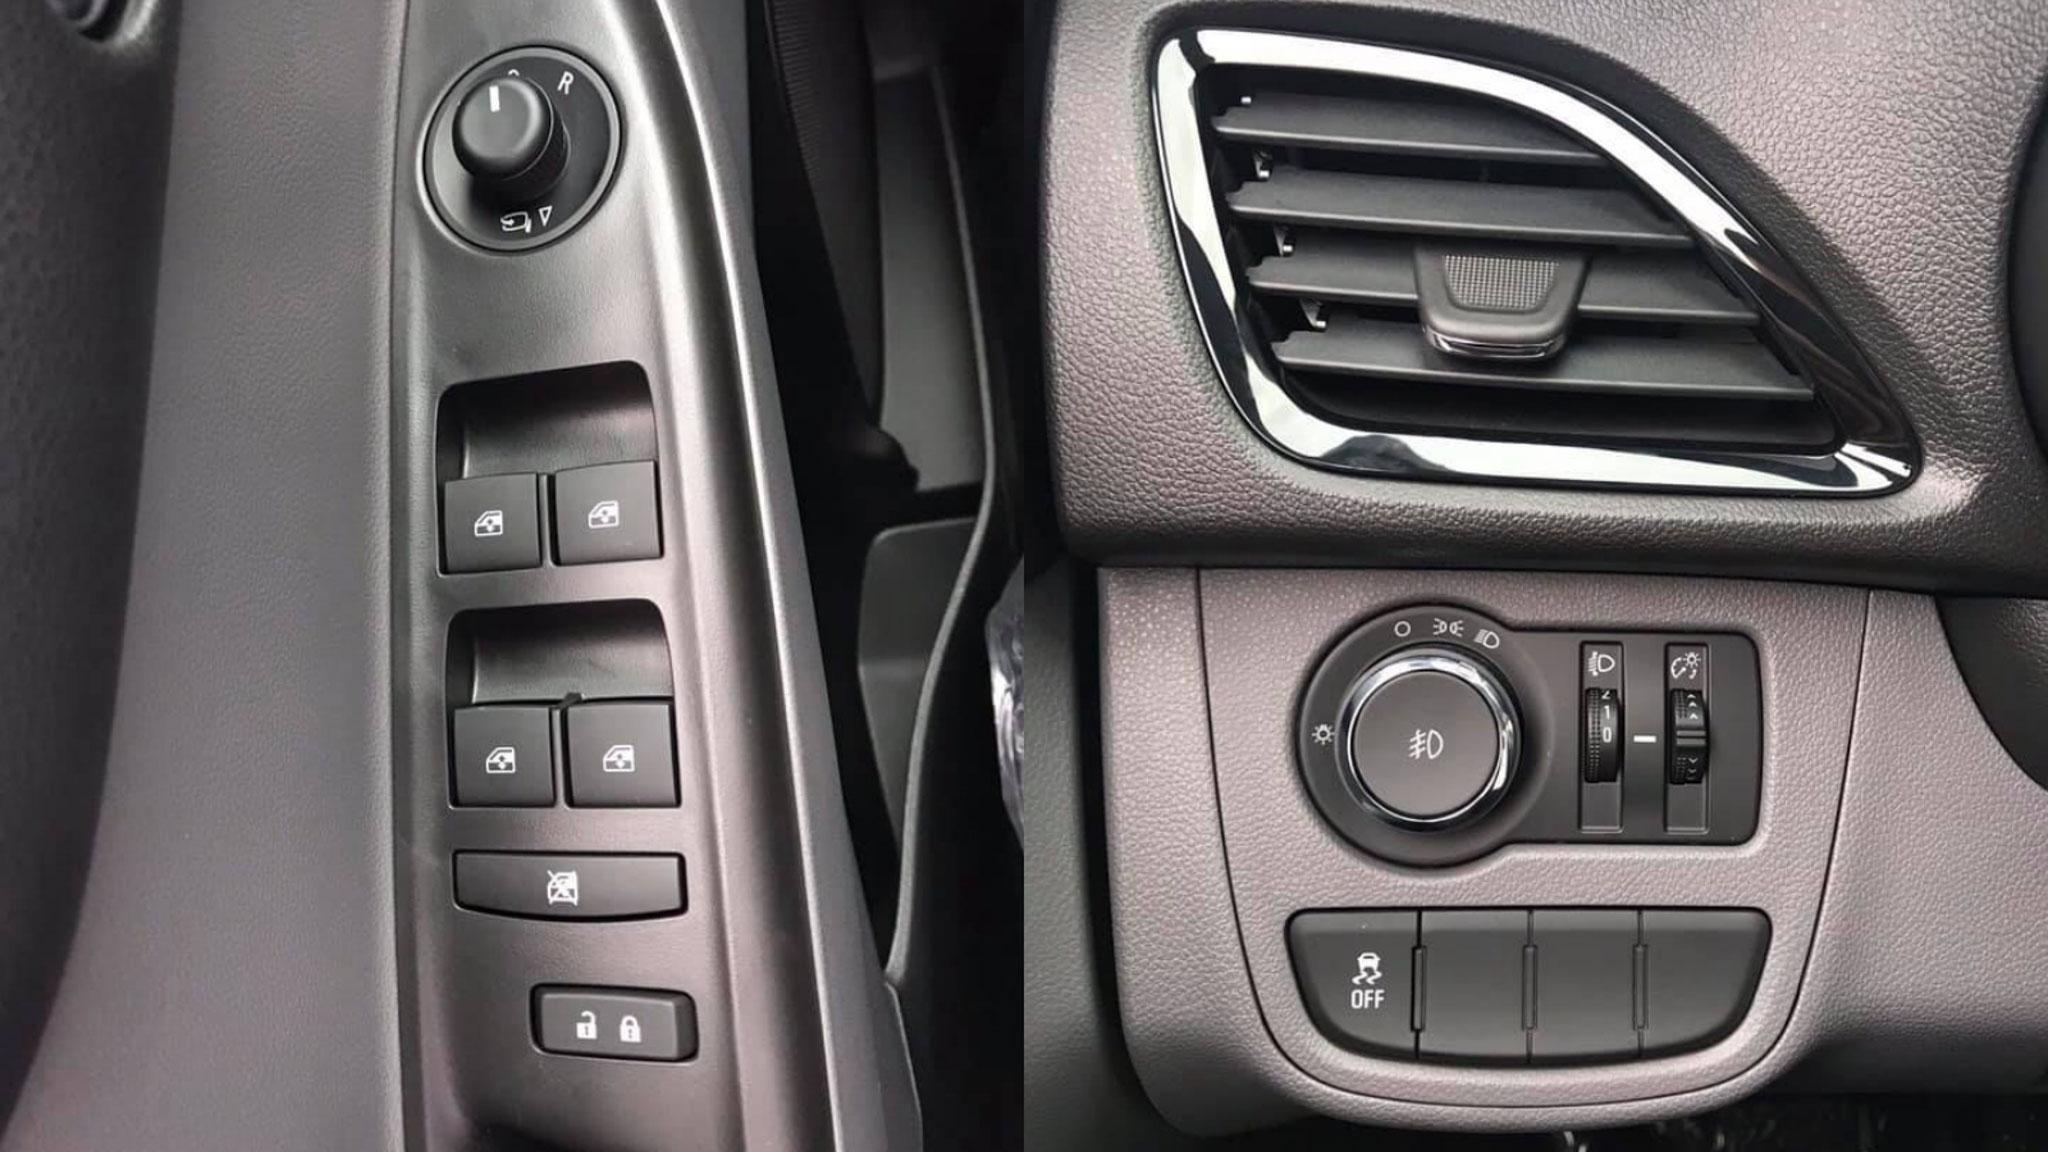 Táp-pi cửa và công tắc chỉnh đèn của Fadil, phía bên dưới tắt cân bằng điện tử (ESP)